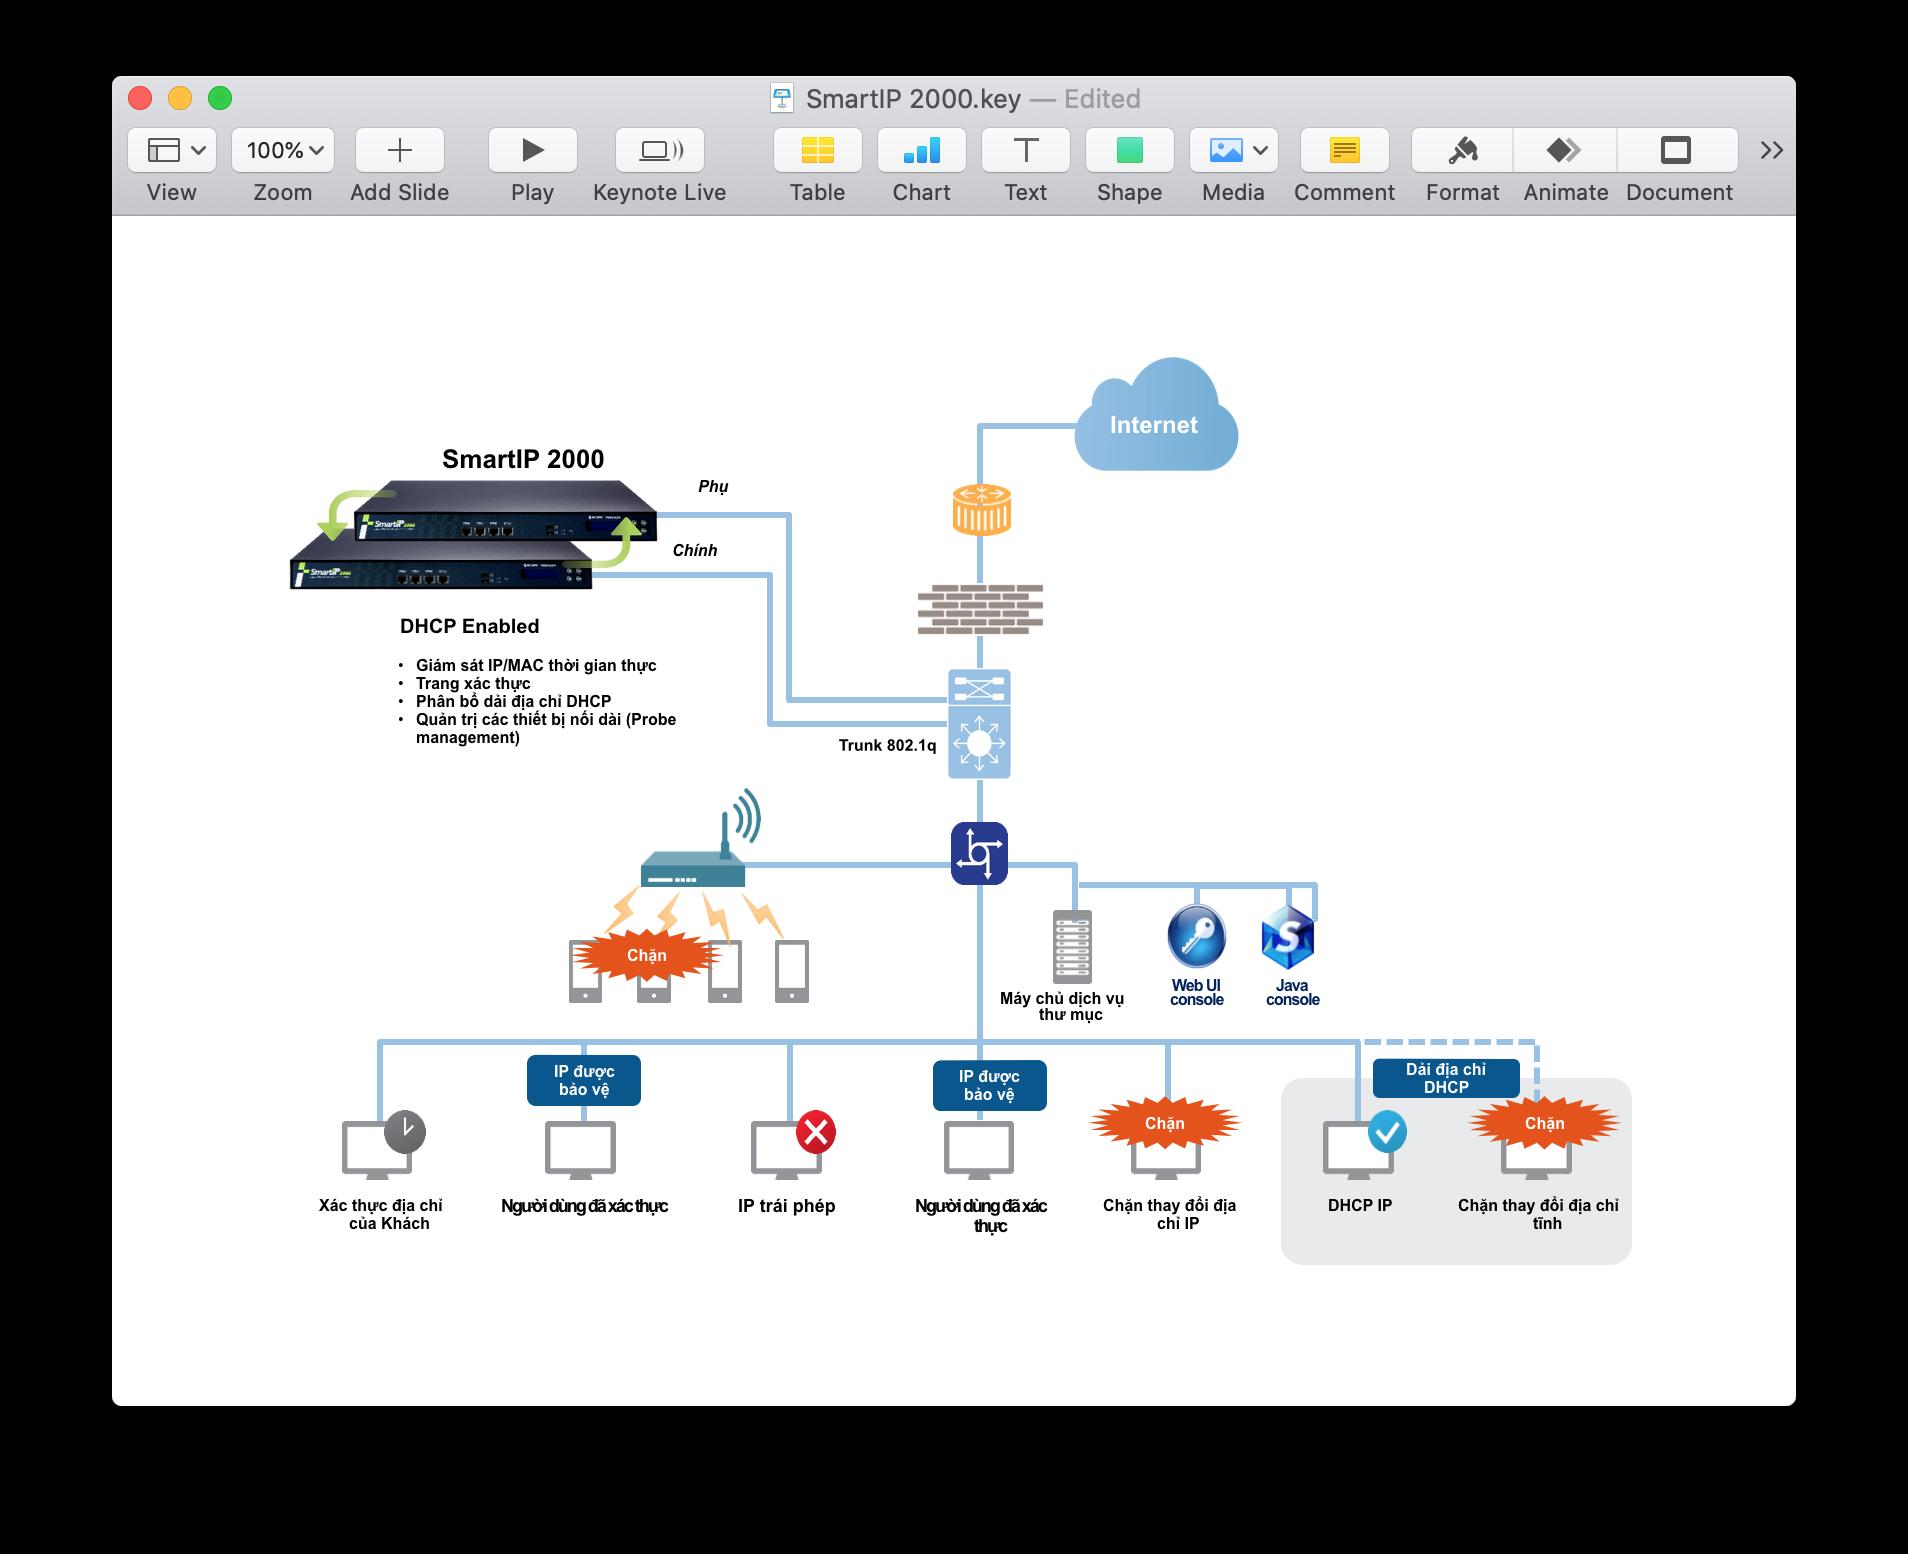 giải pháp kiểm soát truy cập mạng 1 trụ sở